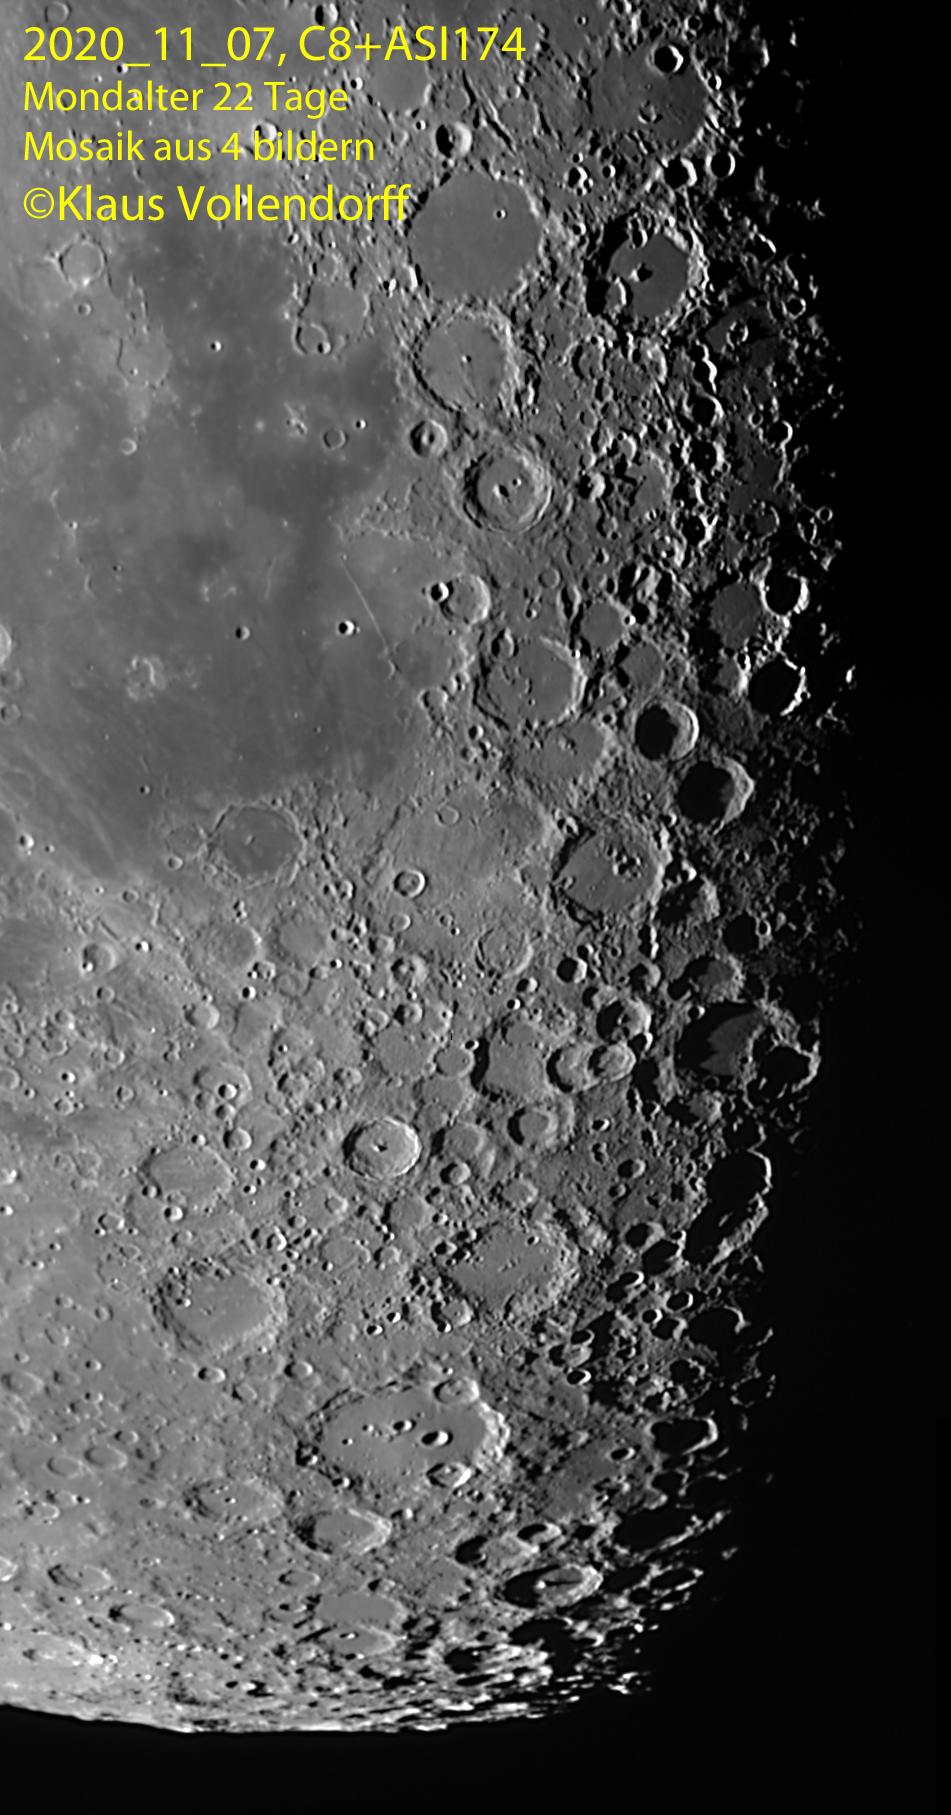 C8, Mosaik aus 4 Bildern: Ptolemaeus bis Clavius